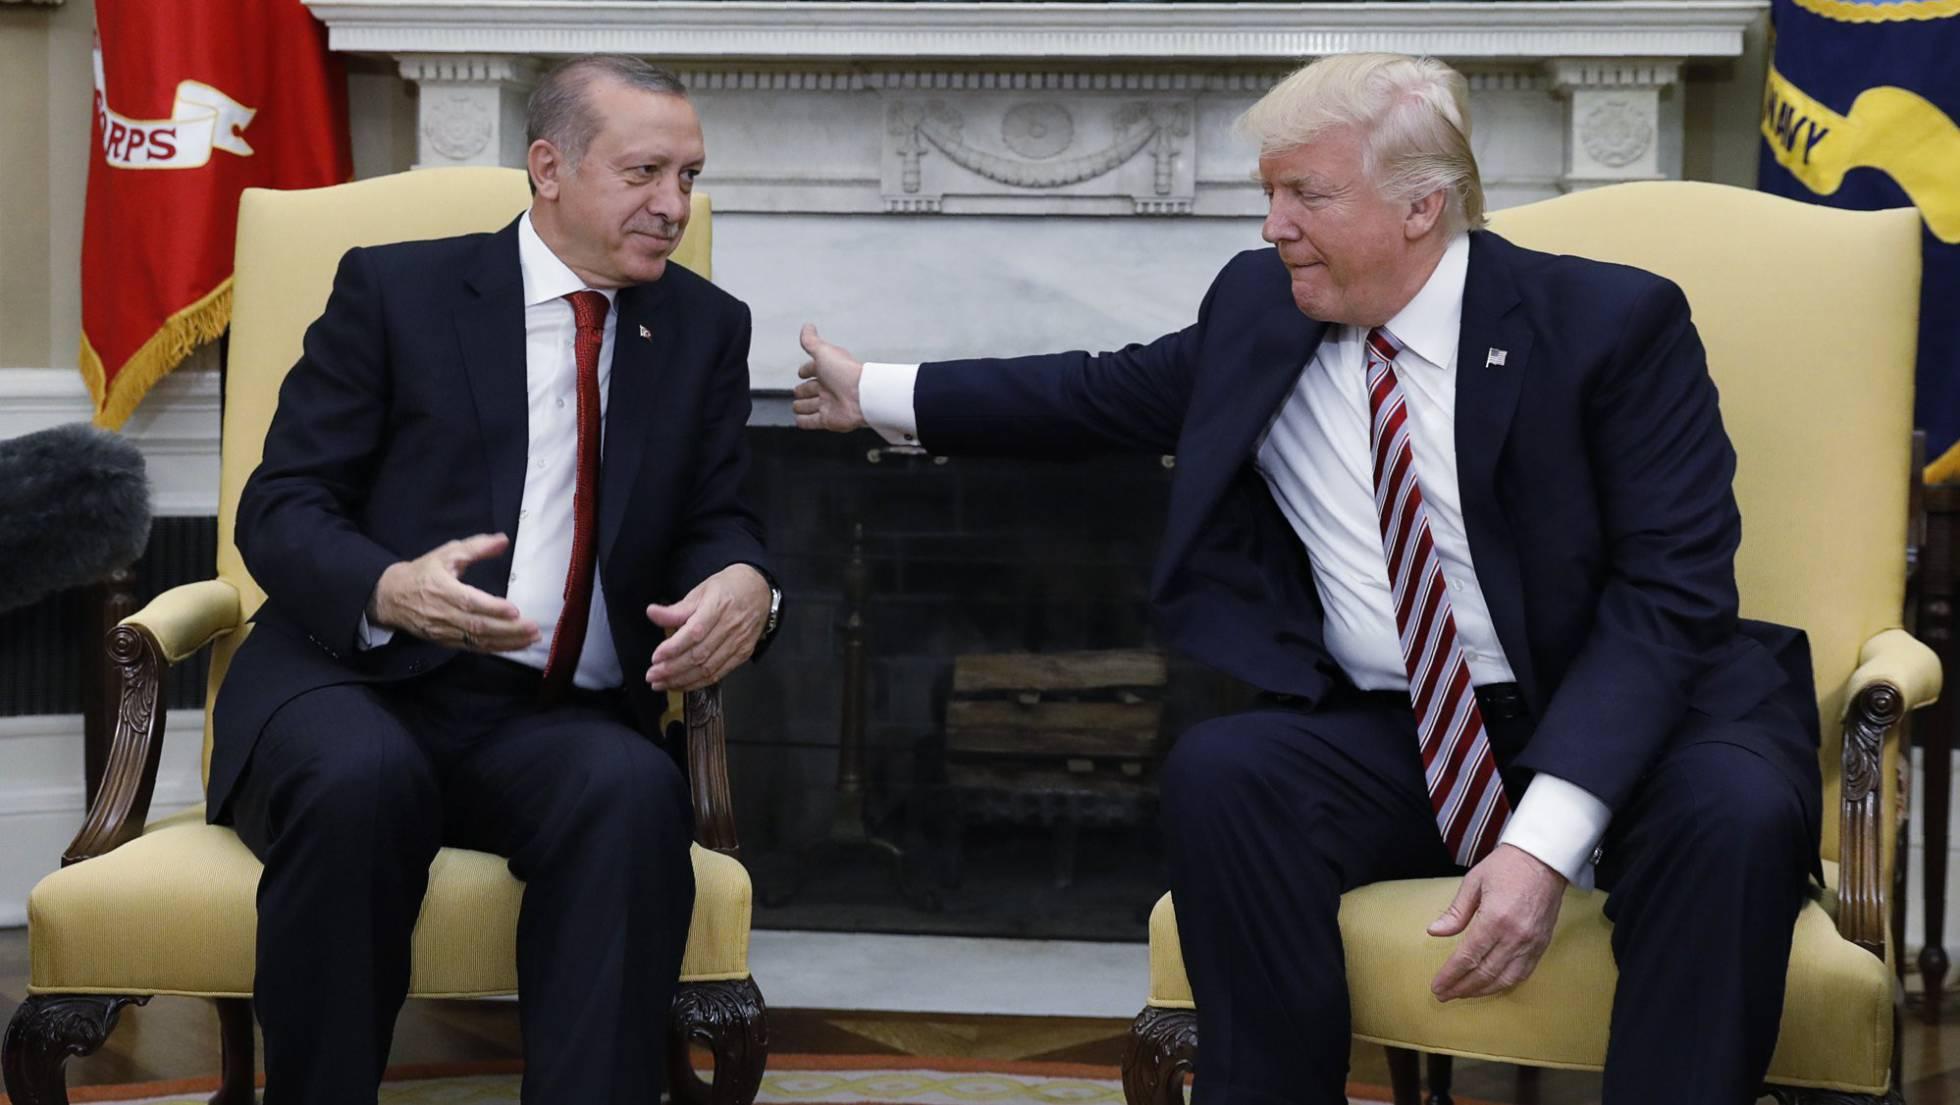 Siria - Conflicto Turquía - Siria  - Página 13 1494950064_982170_1494957543_noticia_normal_recorte1